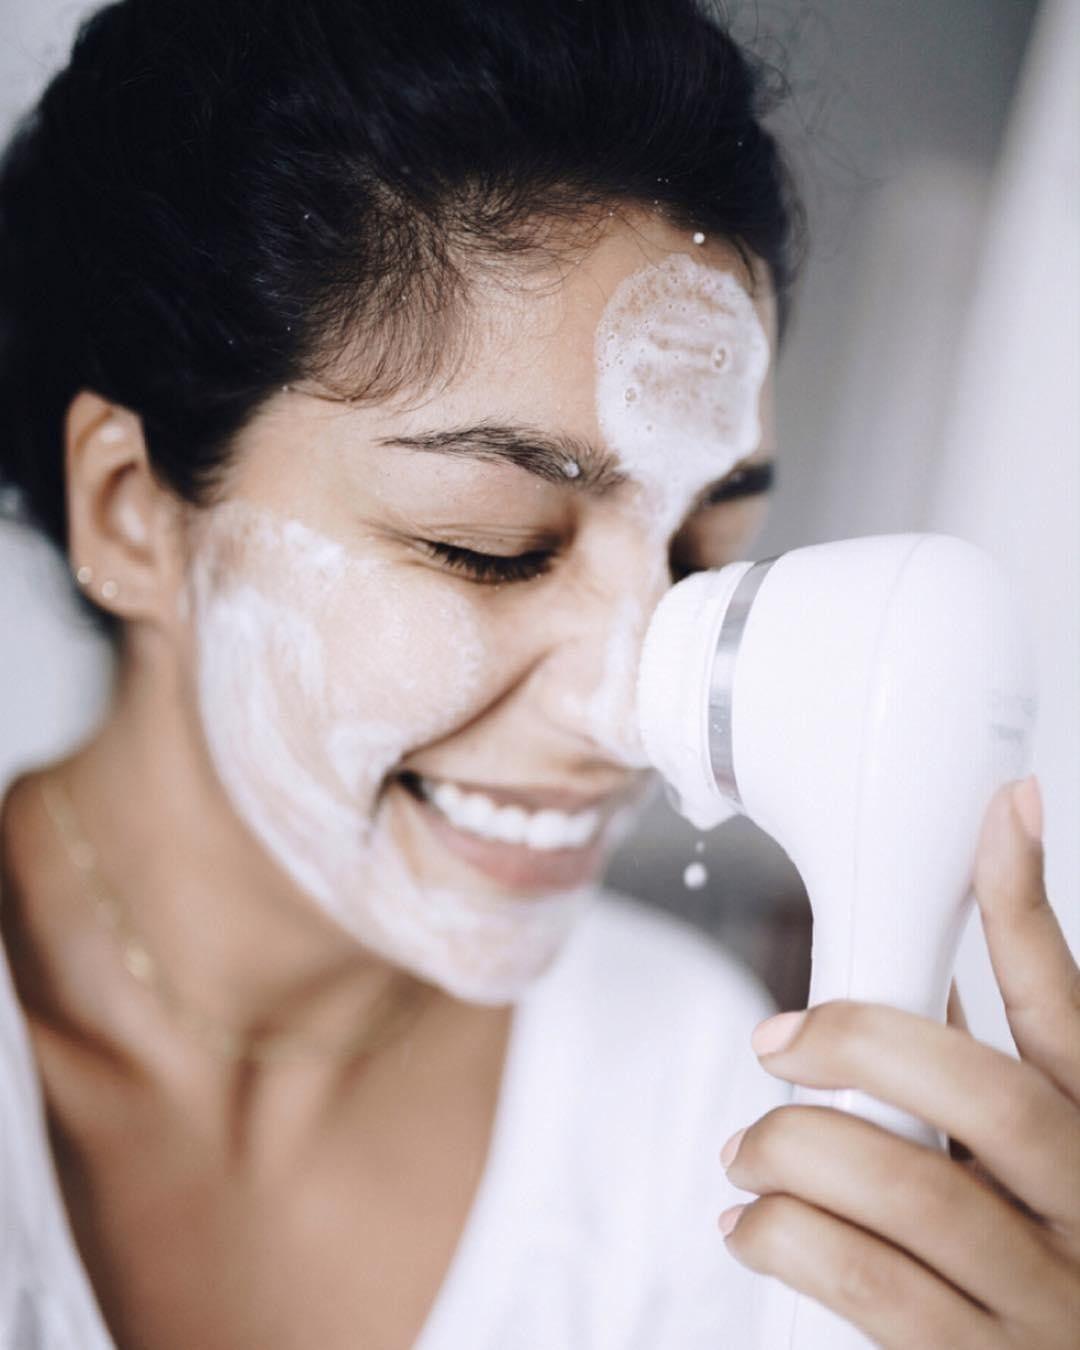 Phụ nữ nên nhớ làm 5 điều này trước khi đi ngủ để đẩy lùi tối đa lão hóa, duy trì nhan sắc trẻ trung - Ảnh 1